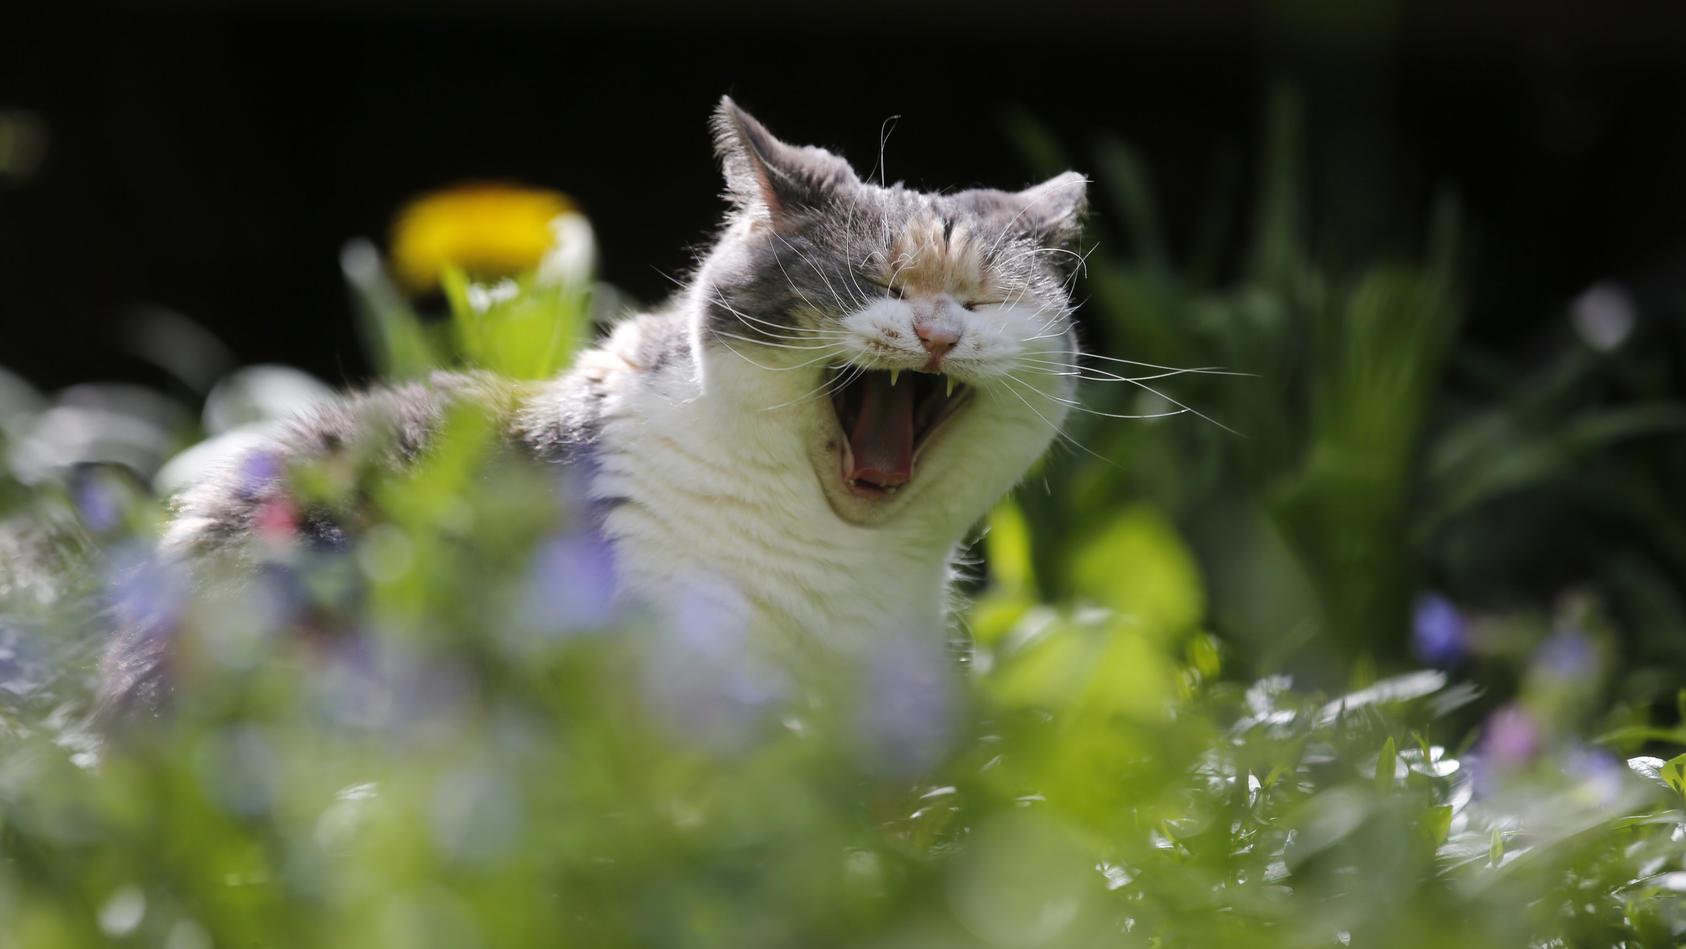 Gericht urteilt: Luftgewehrschüsse auf Katze sind keine Tierquälerei